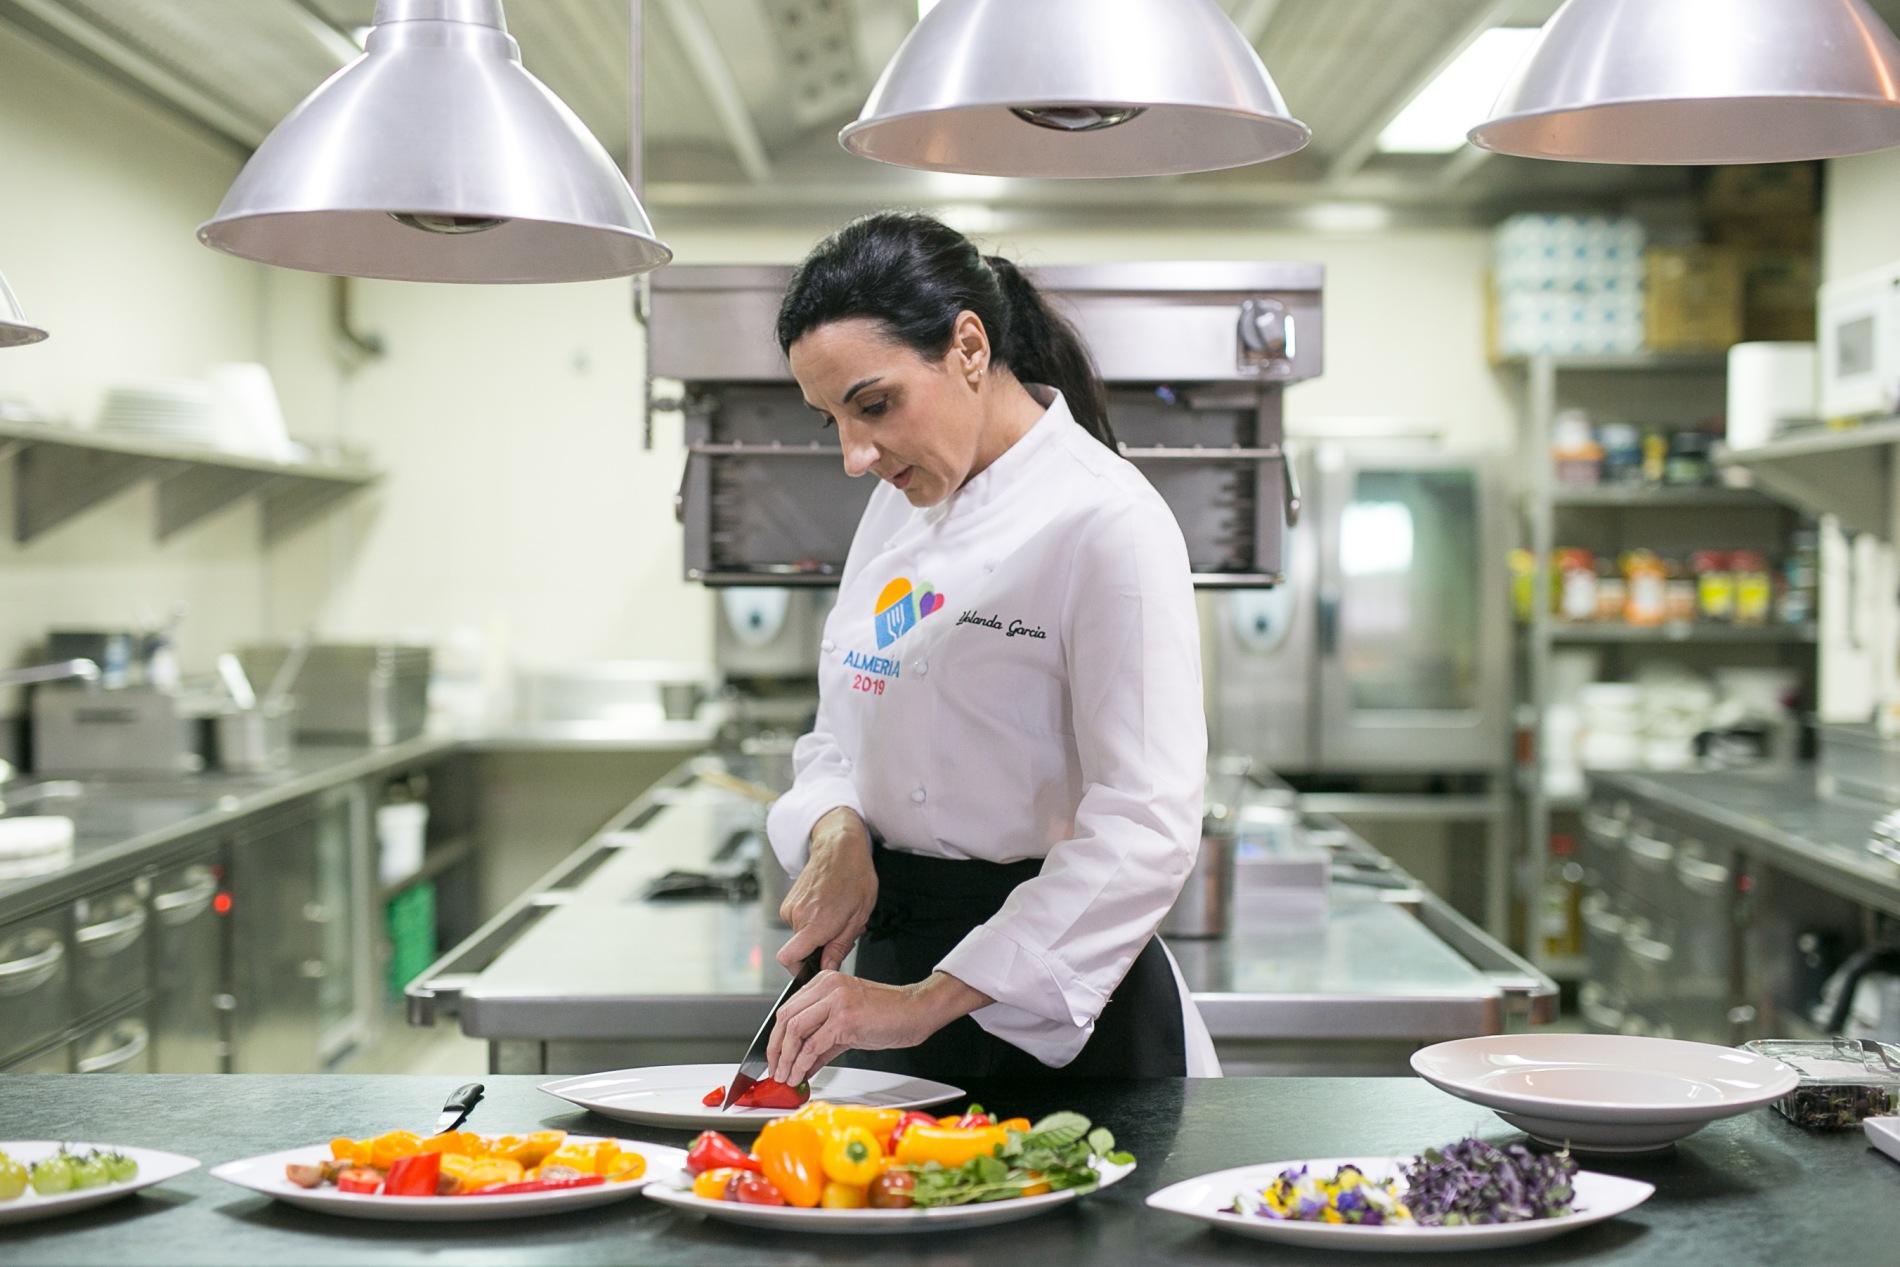 Yolanda reivindica la cocina tradicional de su tierra. Foto: Javier Lozano / Maquinaria Creativos.